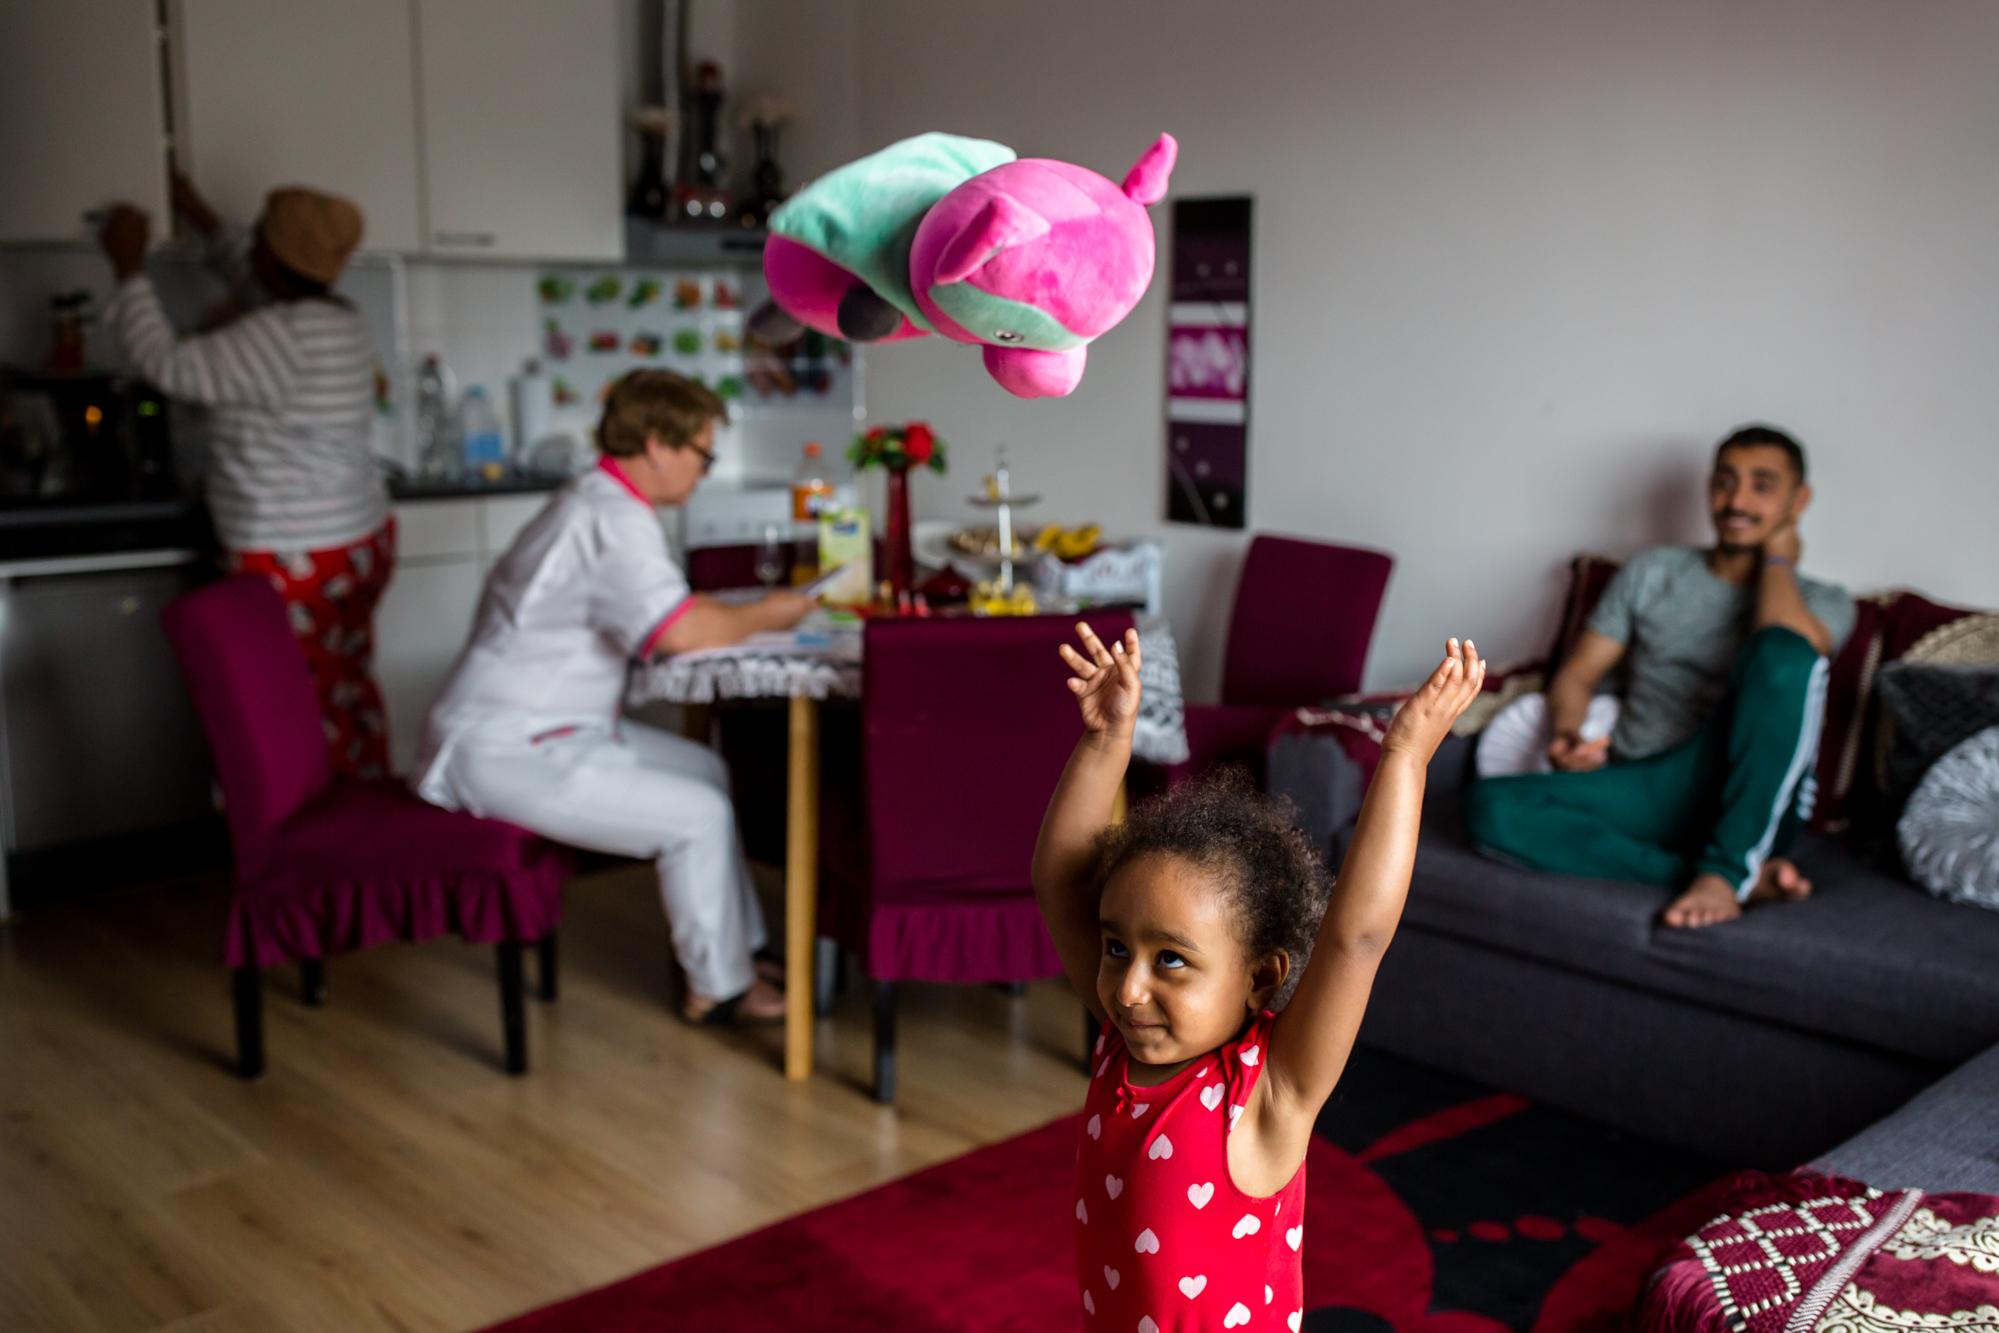 Badriya uit Ethiopië en haar man Hayidar uit Jemen leerden elkaar online kennen en werden verliefd. Wegens aanhoudende conflicten in hun thuisland,besloten ze beiden om te vluchten naar Griekenland. Na de levensgevaarlijke reis kwamen ze terecht op Samos waar ze leefden onder erbarmelijkeomstandigheden. Via een lange omweg komen ze uiteindelijk in Athene terecht. Na vele pogingen slaagt Badriya (toen zes maanden zwanger) erinItaliëen van daaruit Nederland te bereiken, waar ze is bevallen van hun dochtertje Rital. Ikontmoette de familie vlak na de eerste verjaardag van Rital.Hayidar zat ondertussen nog steeds vast in Athene, zonder zijn geliefde gezin. Het was onzeker of en wanneer ze elkaar weer zouden zien. In juli 2019 wordt het gezin na ruim anderhalf jaar herenigd.Het is de eerste keer dat Hayidar zijn dochterontmoet. De familie is eindelijk samen en kan na al die tijd een nieuw leven opbouwen. In juni 2020 wordt dochter Ritaj geboren. Dit is een verhaal over hoop, liefde en doorzettingsvermogen. 4 juni 2020 Hiep hiep hoera.